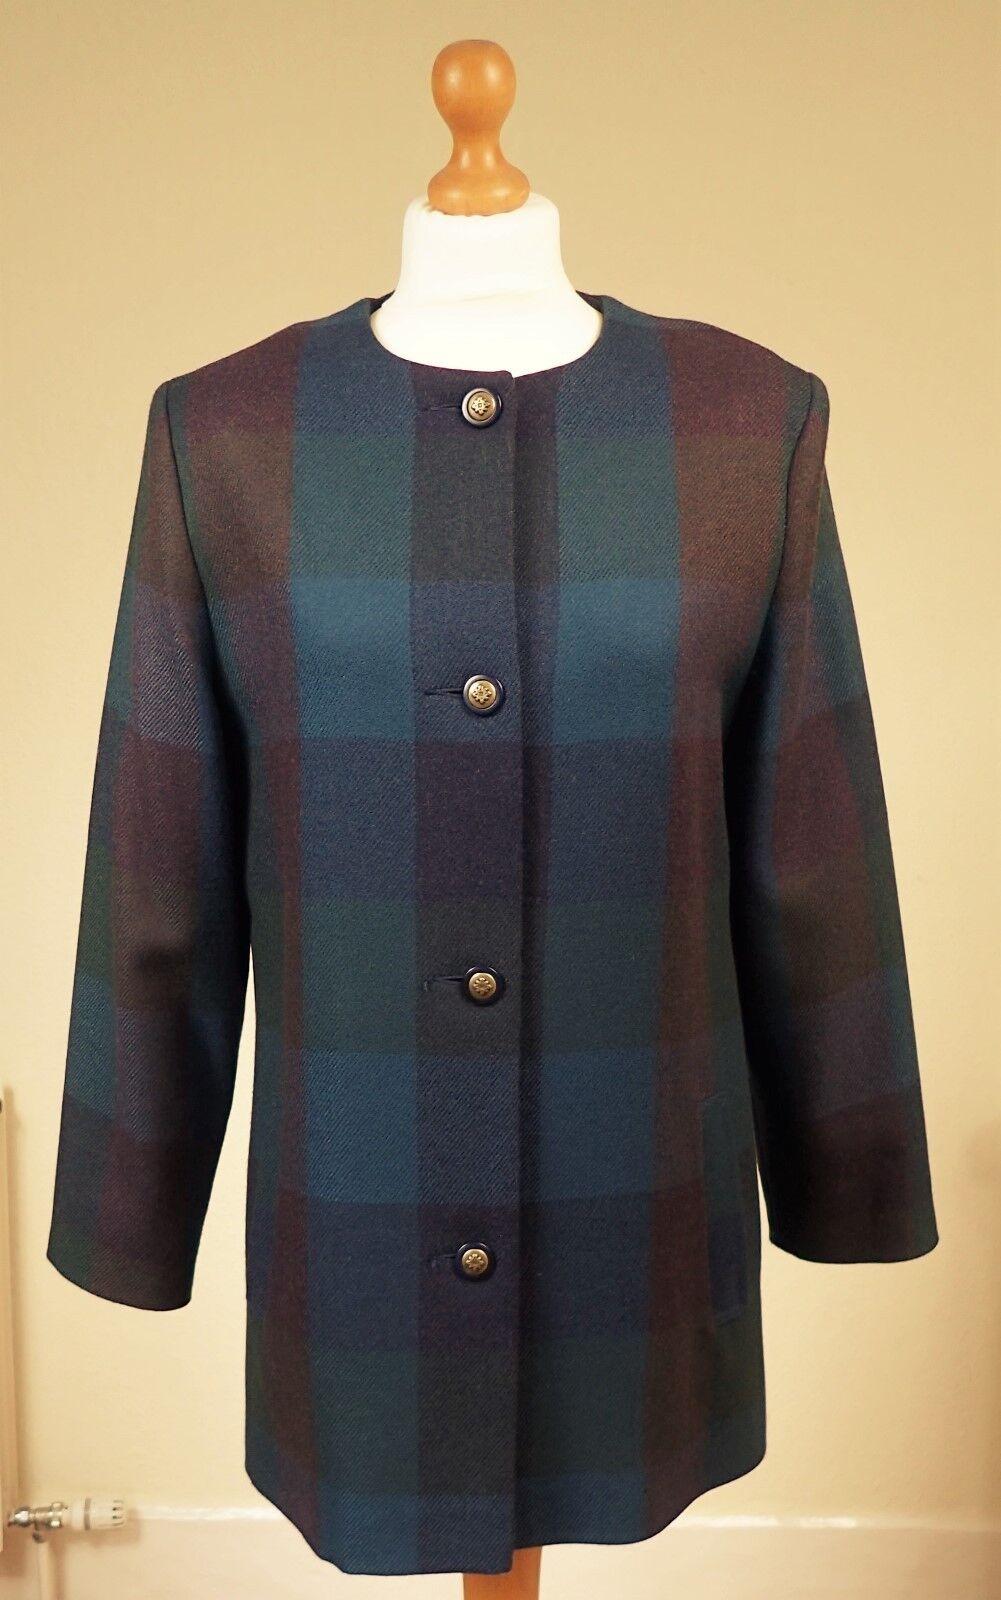 Avoca SZ UK & IRL 14 UE 40 pure laine vierge sans col buscravater veste voiturereaux bleu